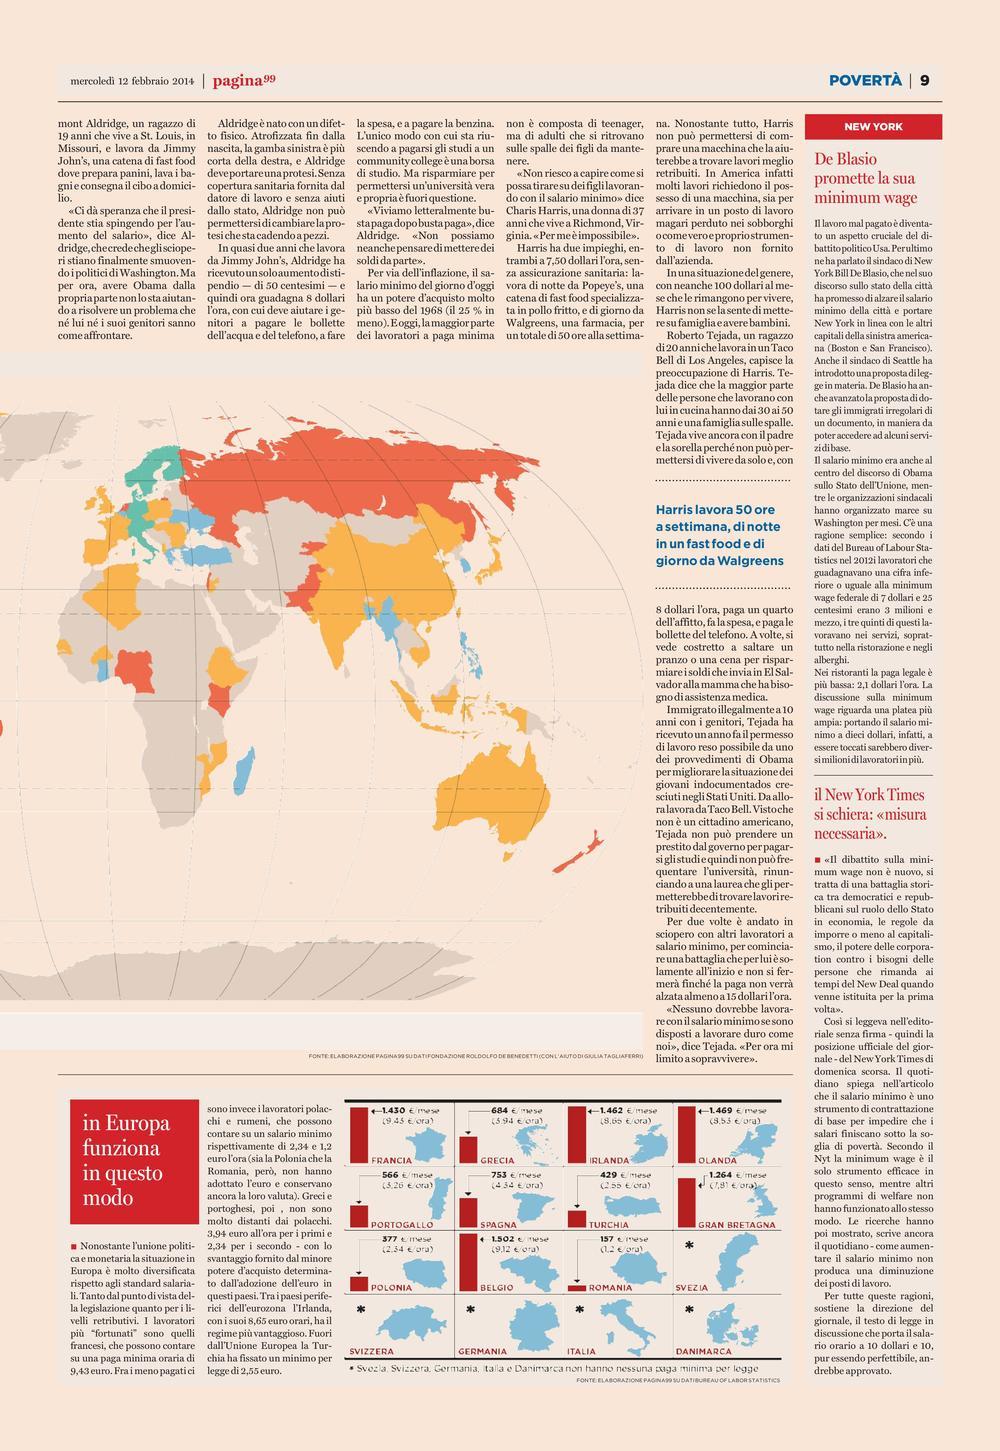 2014.02.12_salario_minimo2-page-001.jpg